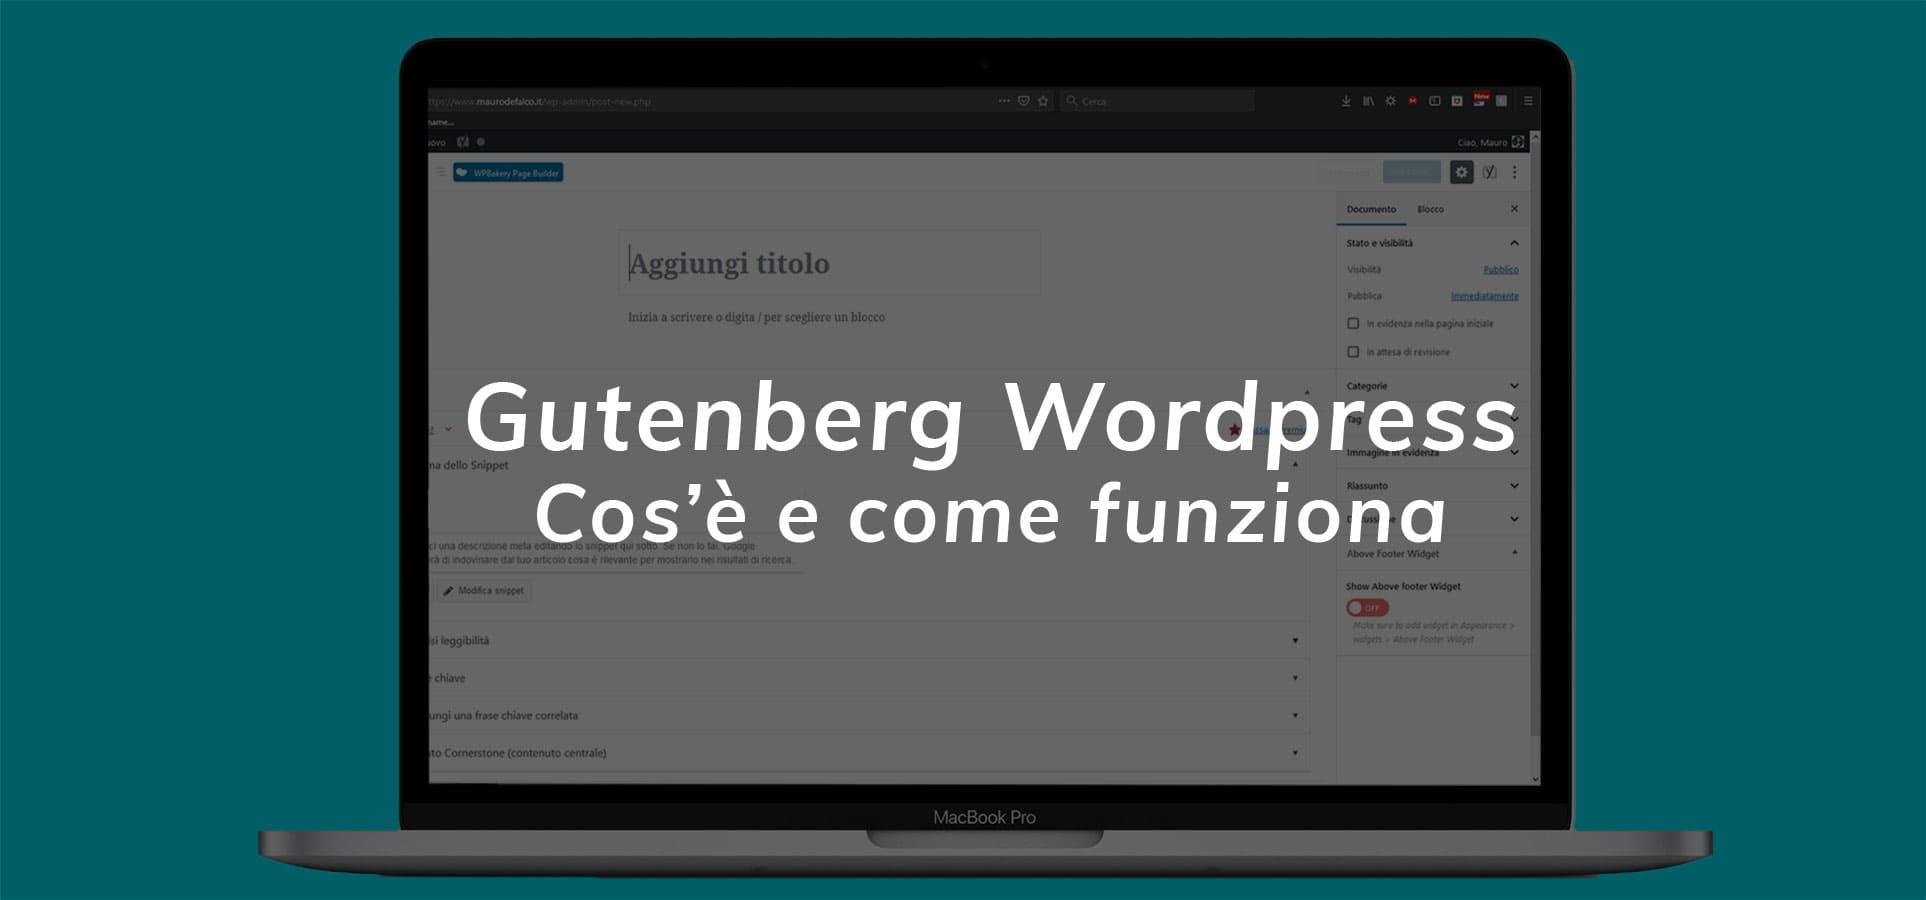 Gutenberg per WordPress: Cos'è e come funziona il nuovo Editor